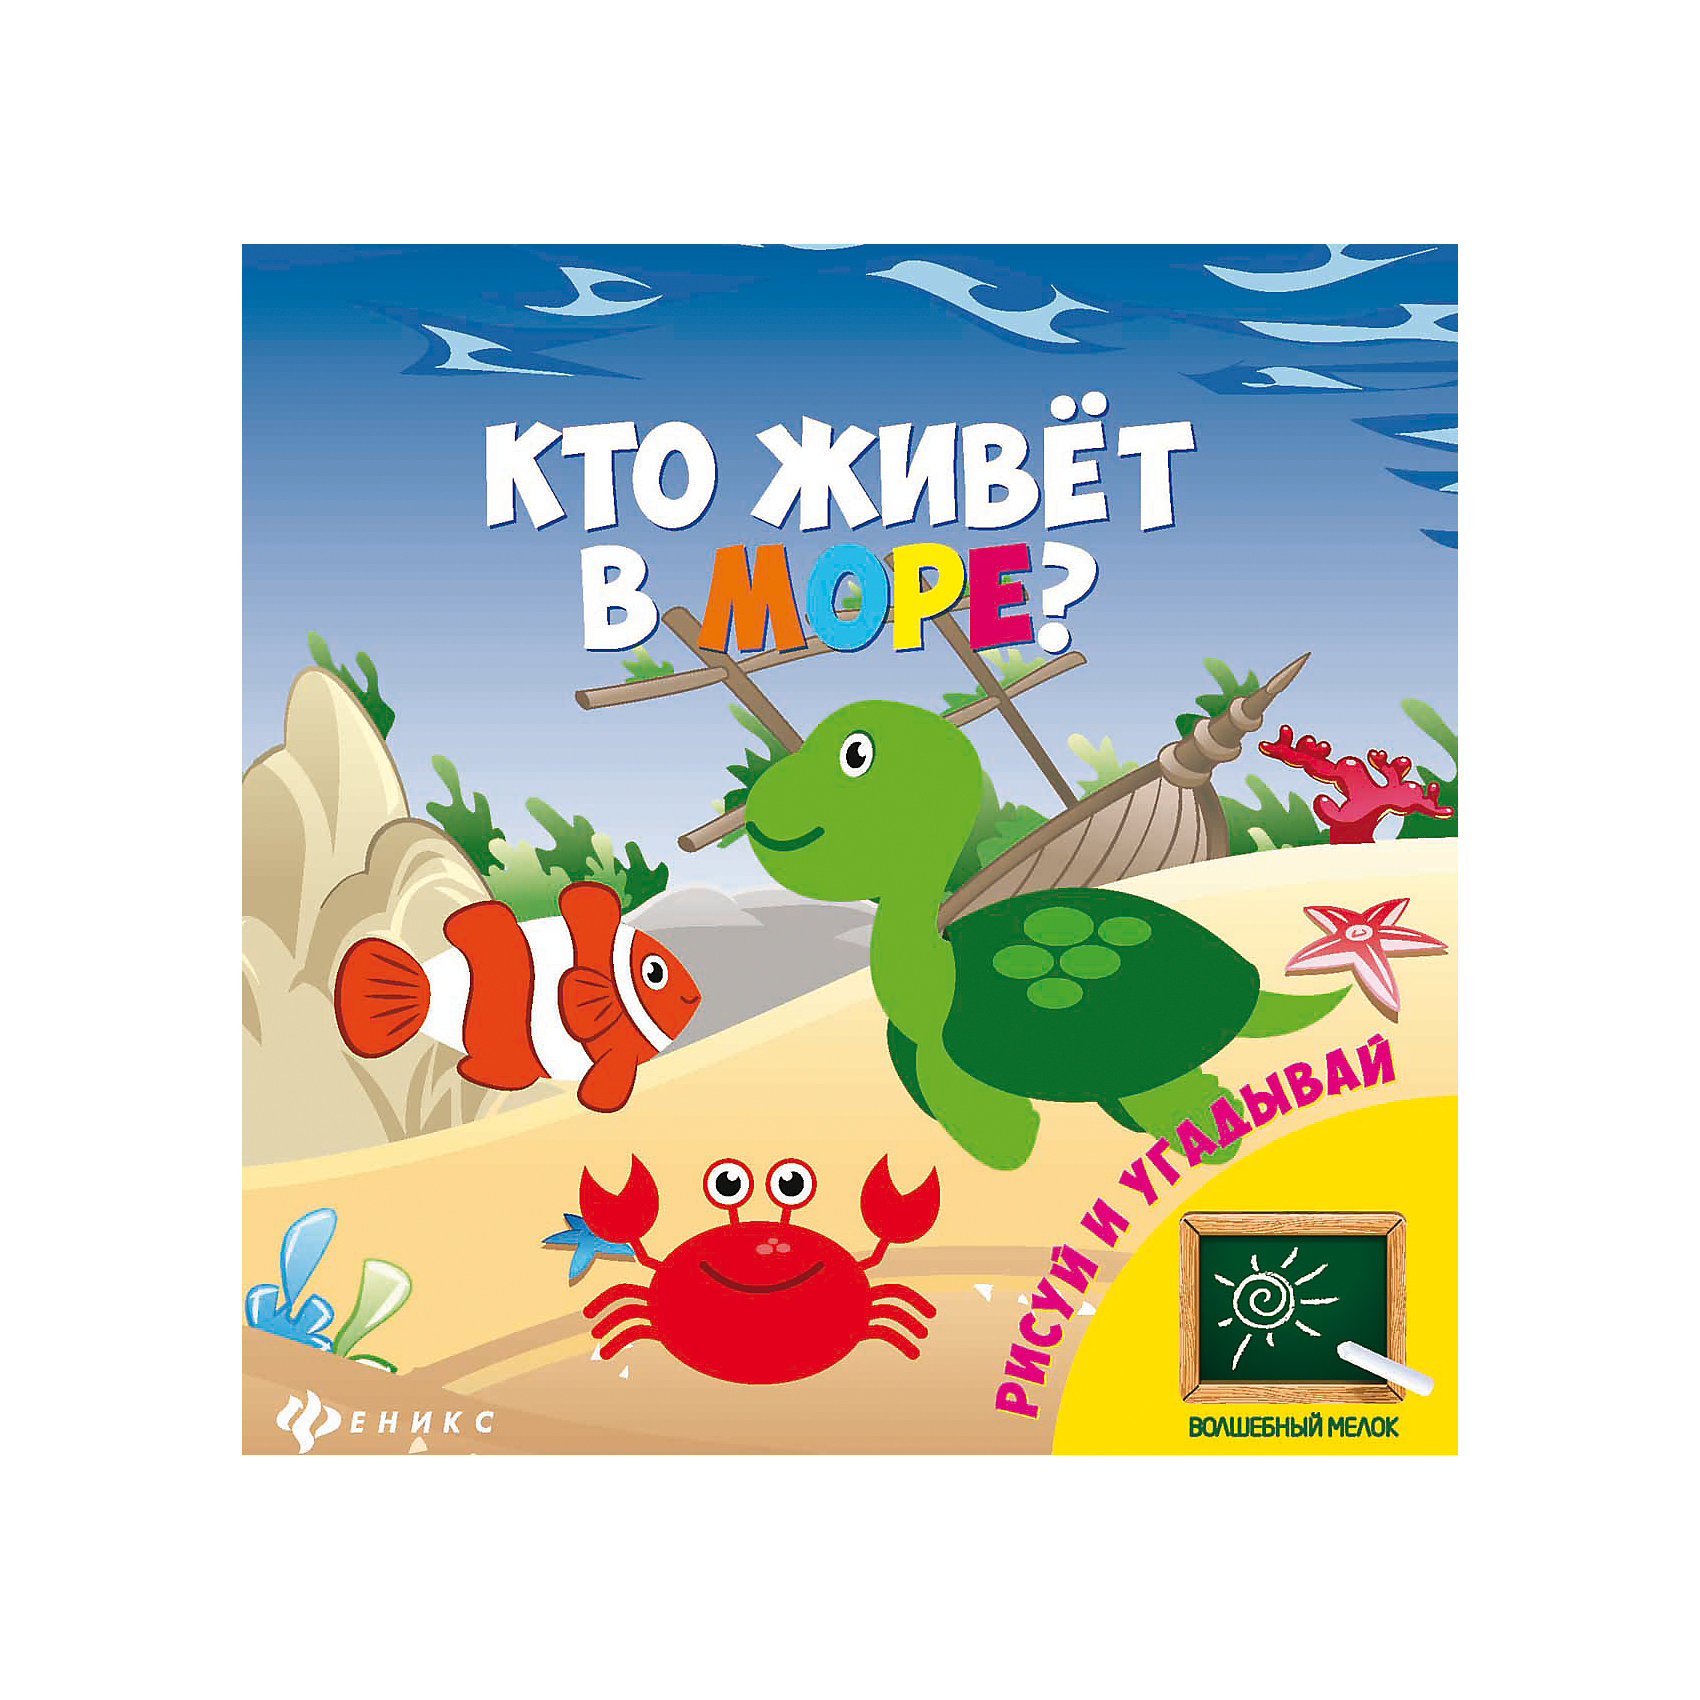 Кто живет в море?Рисование<br>Забавная книжка-рисовалка Кто живет в море? познакомит Вашего ребенка с симпатичными морскими обитателями. Благодаря интересным заданиям и веселым загадкам он не только запомнит как их зовут, но и научится их рисовать! Книга содержит сюрприз: настоящий волшебный<br>мелок, которым можно рисовать... внутри книги. Чтобы было удобнее писать и рисовать, большой мелок можно разломить пополам и использовать половинку. <br><br>Дополнительная информация:<br><br>- Серия: Волшебный мелок.<br>- Обложка: картон.<br>- Иллюстрации: цветные.<br>- Объем: 12 стр.<br>- Размер: 21 x 0,9 x 25 см.<br>- Вес: 0,224 кг.<br><br>Книгу Кто живет в море?, Феникс-Премьер, можно купить в нашем интернет-магазине.<br><br>Ширина мм: 210<br>Глубина мм: 250<br>Высота мм: 8<br>Вес г: 920<br>Возраст от месяцев: 12<br>Возраст до месяцев: 48<br>Пол: Унисекс<br>Возраст: Детский<br>SKU: 4771385